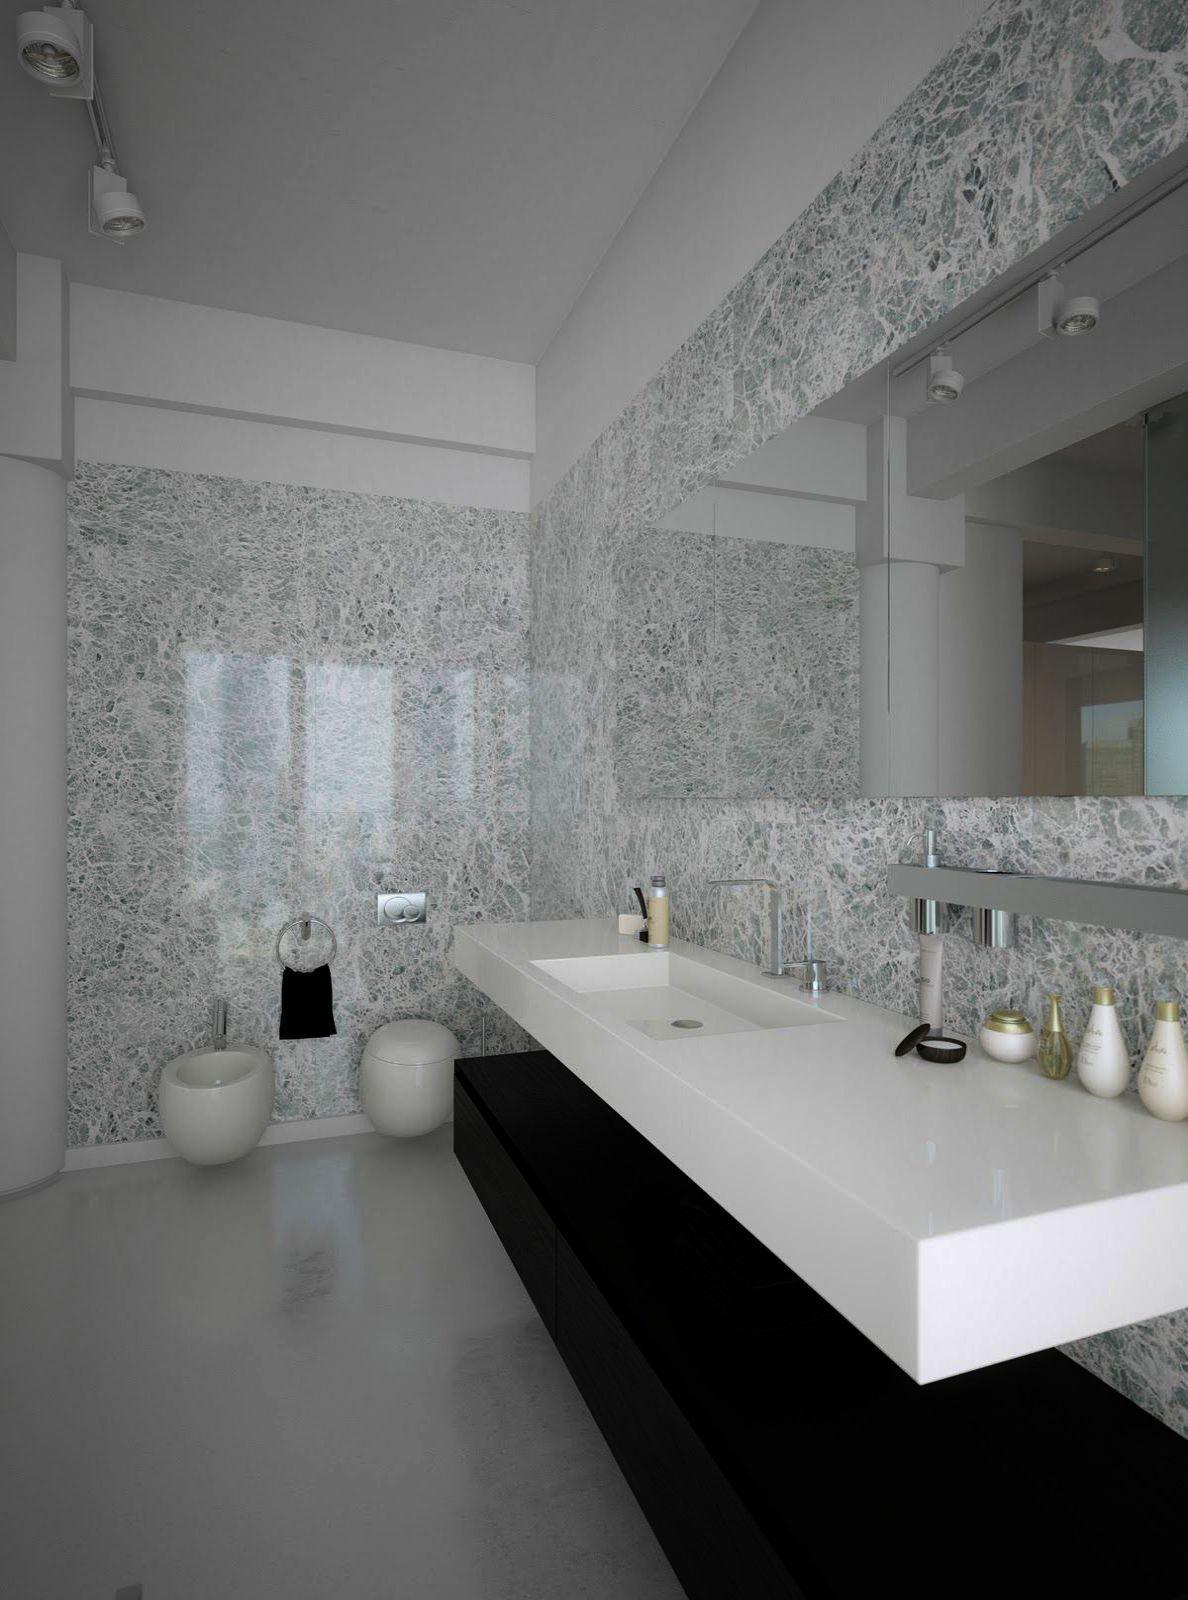 Bathroom Vanities San Diego Until Bathroom Vanities Eau Claire Wi Bathroom Vanities Dallas Modern White Bathroom Minimalist Bathroom Modern Bathroom Design